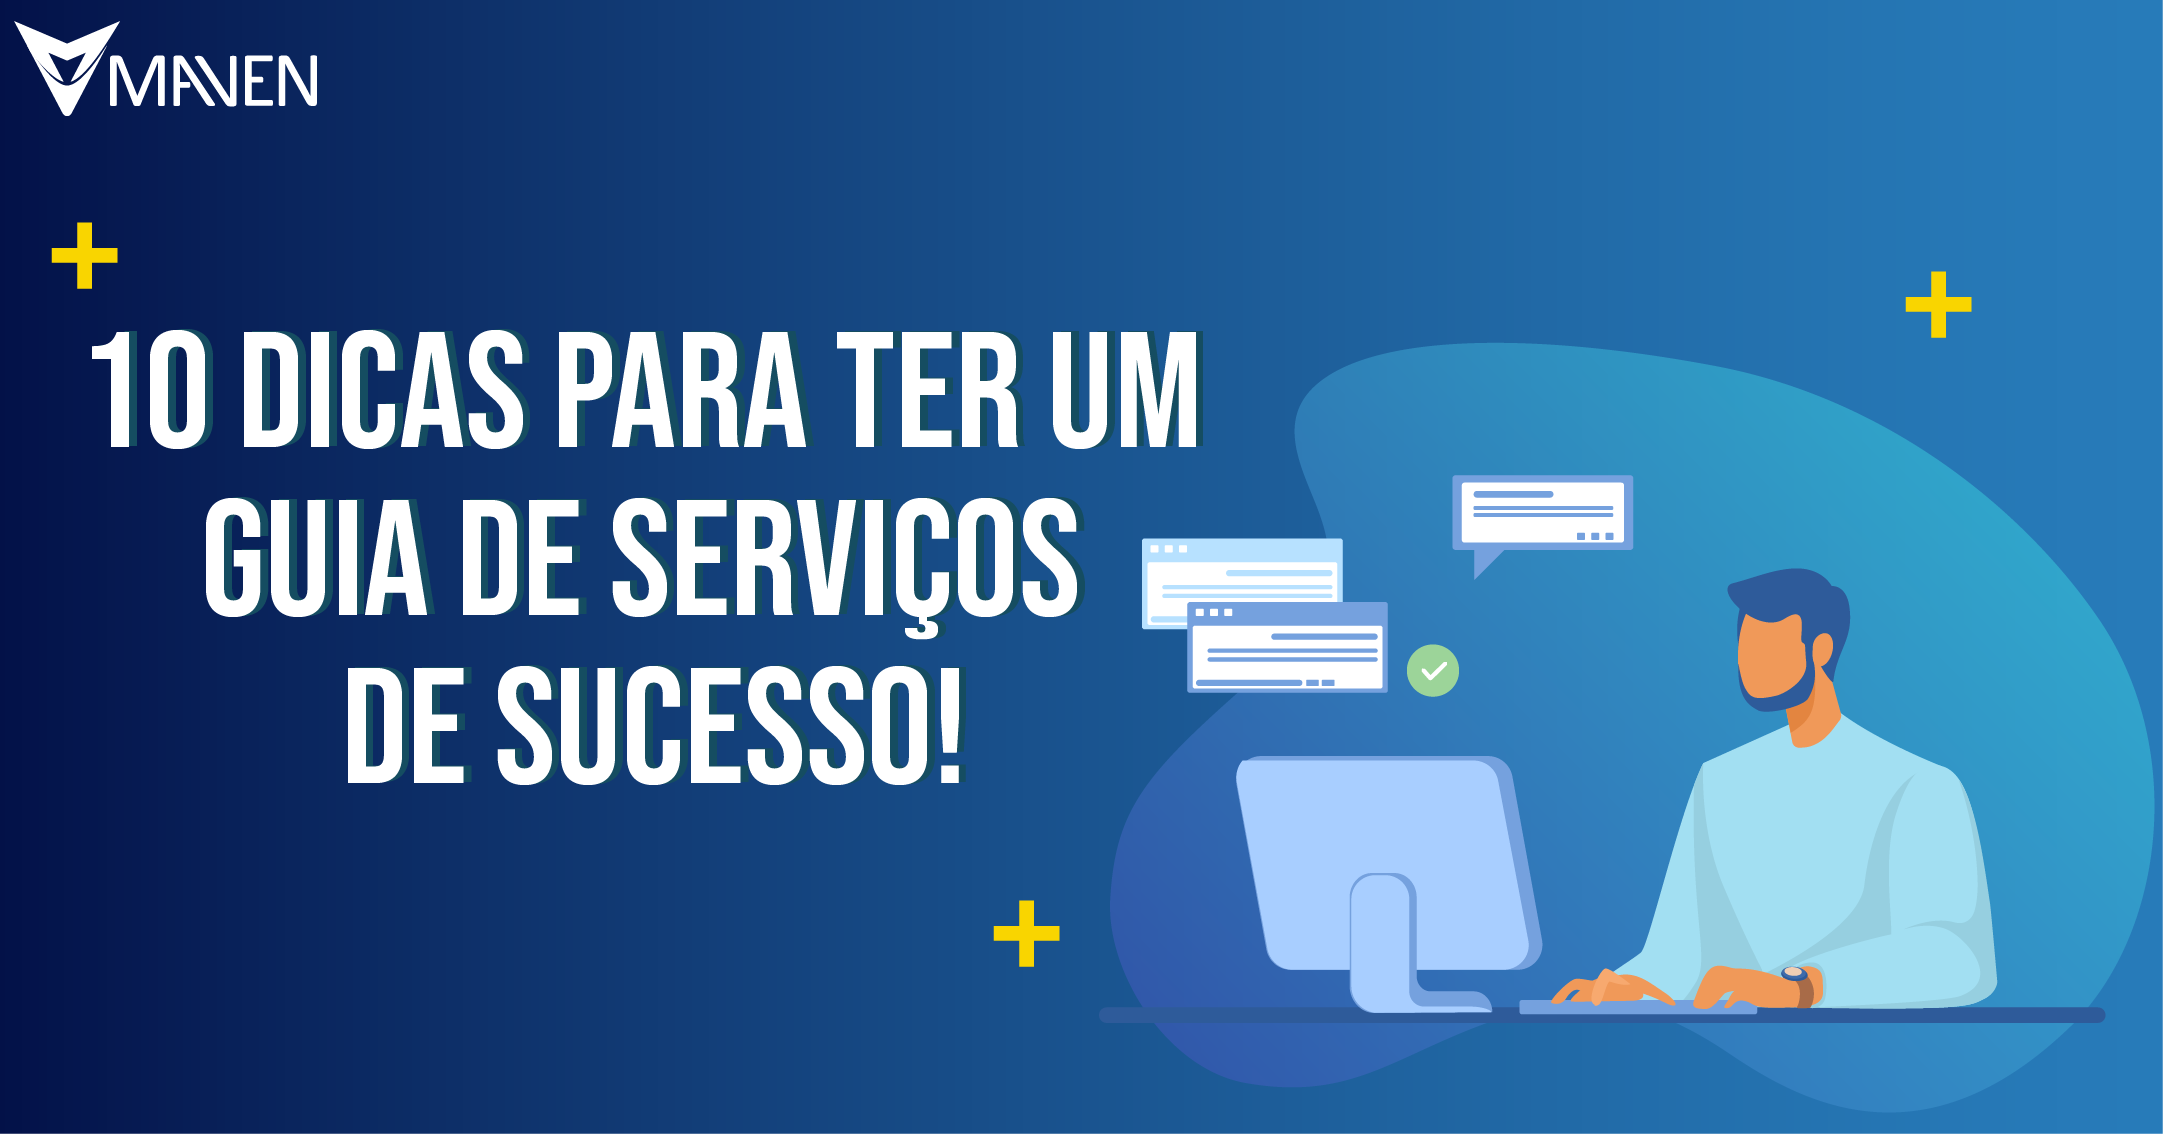 10 dicas para ter um guia de serviços de sucesso!